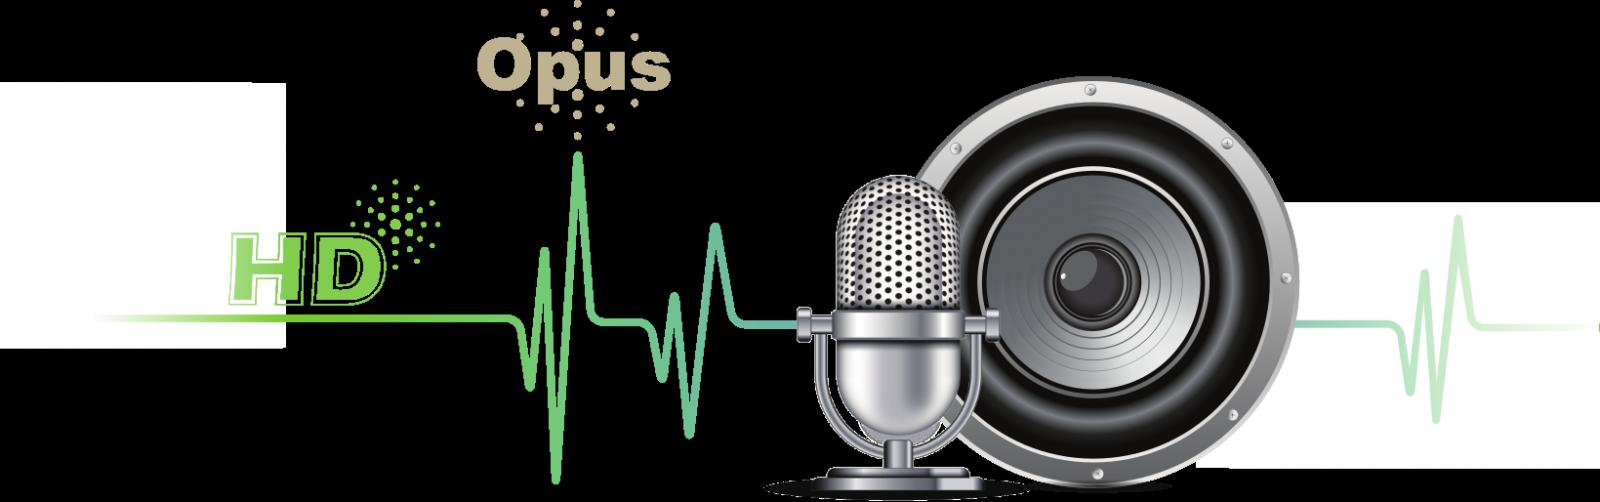 Yealink T41S con codec Opus y sonido HD - Avanzada 7